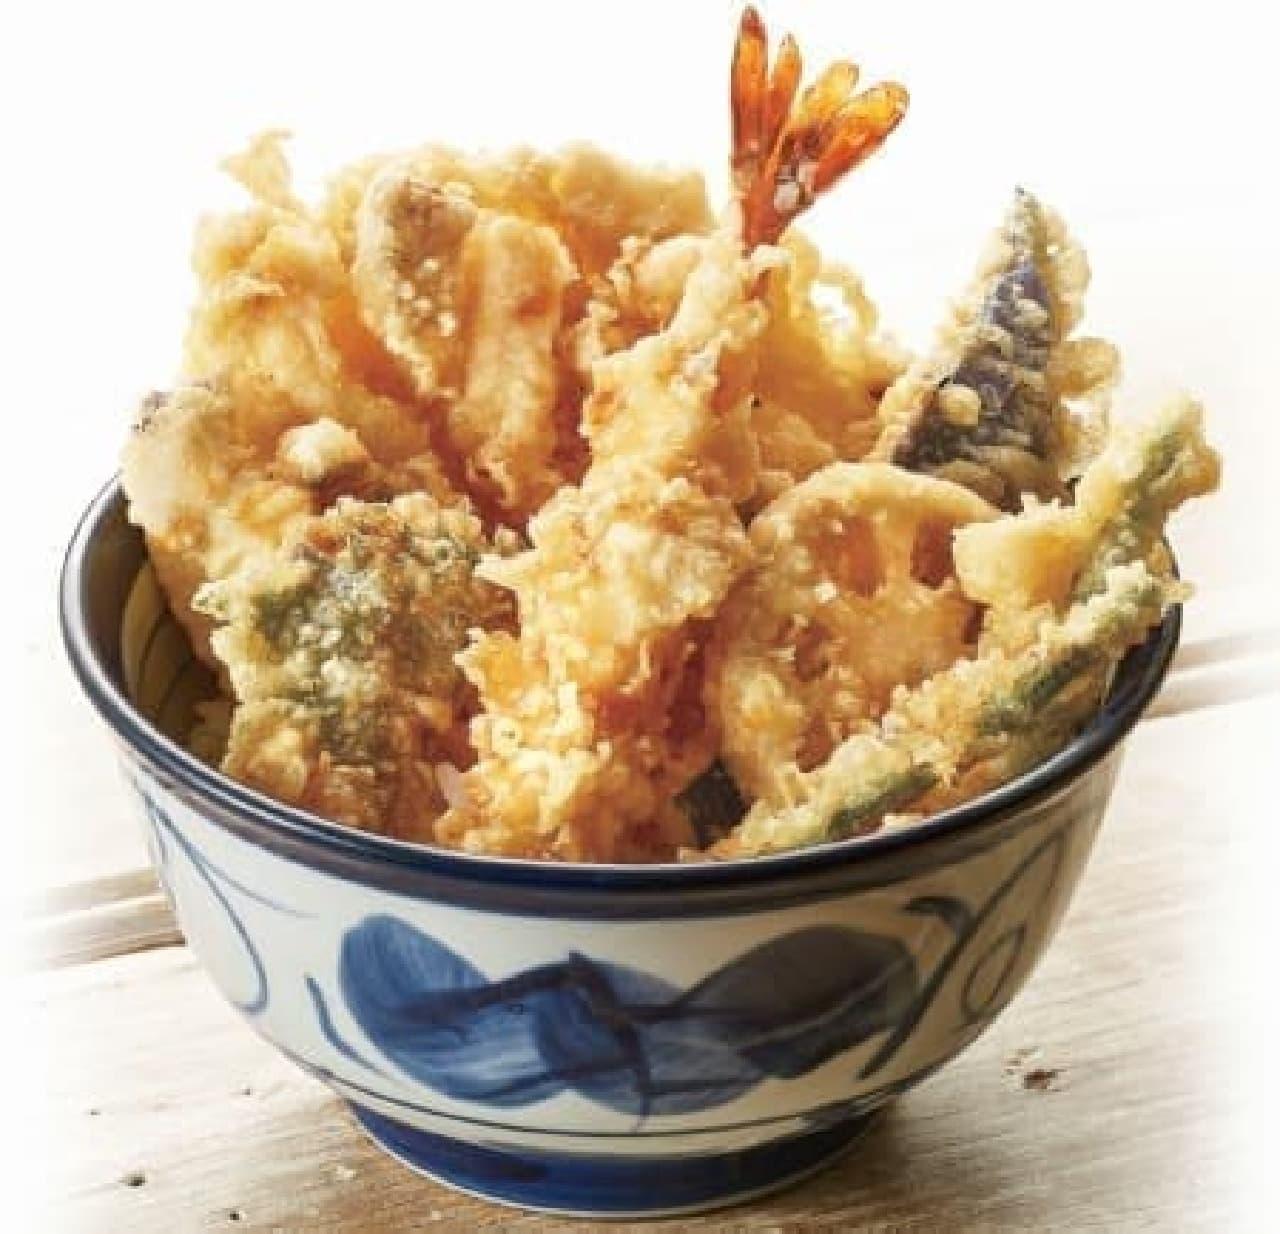 真鯛の上品な味わいを楽しむ天丼